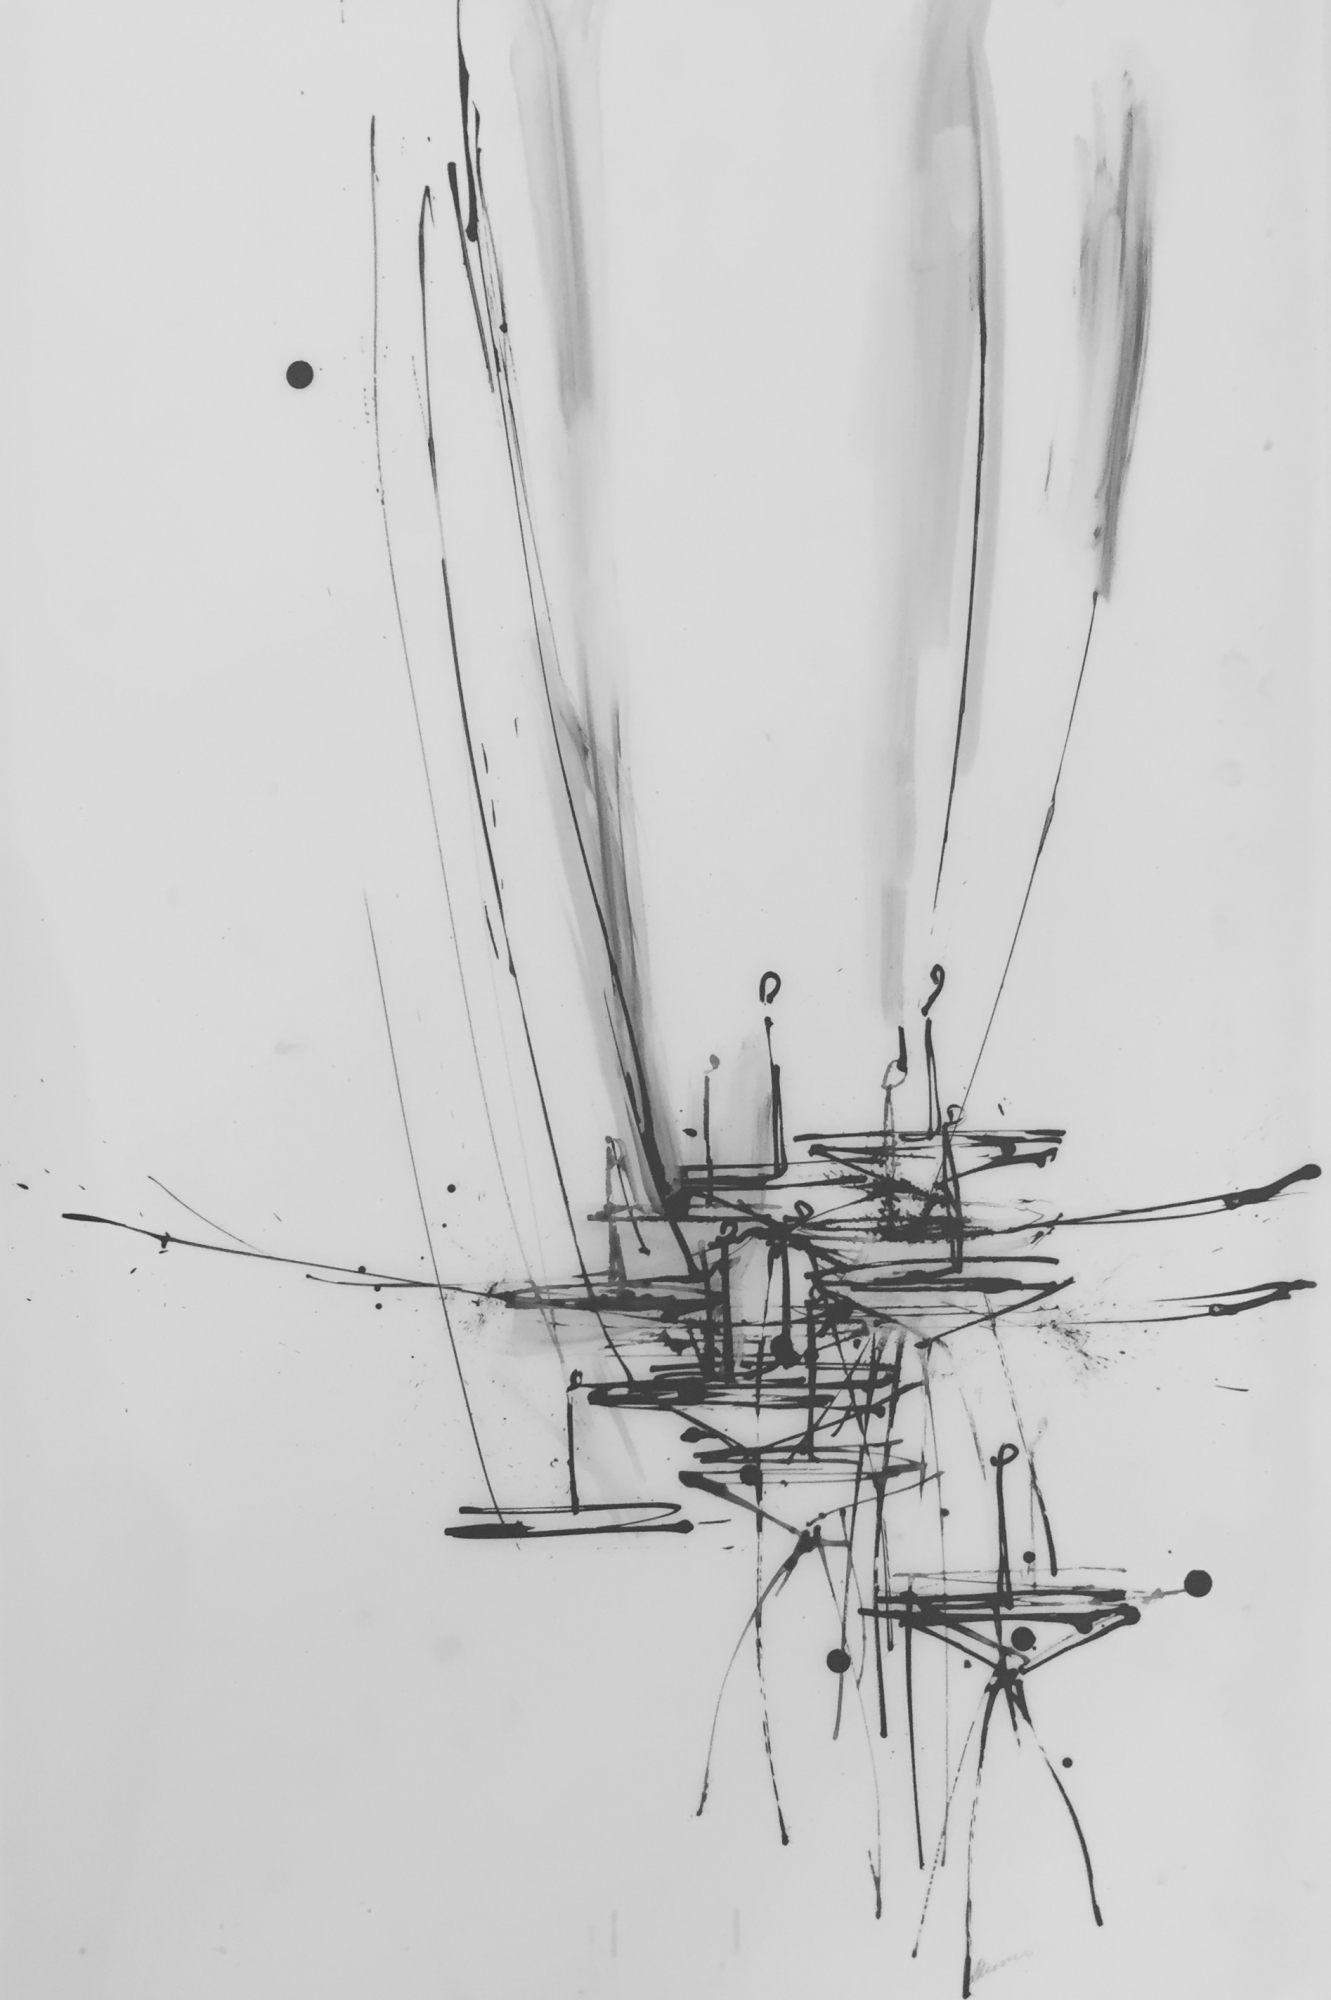 Chandelier 4 2016 by Daniel Schneider